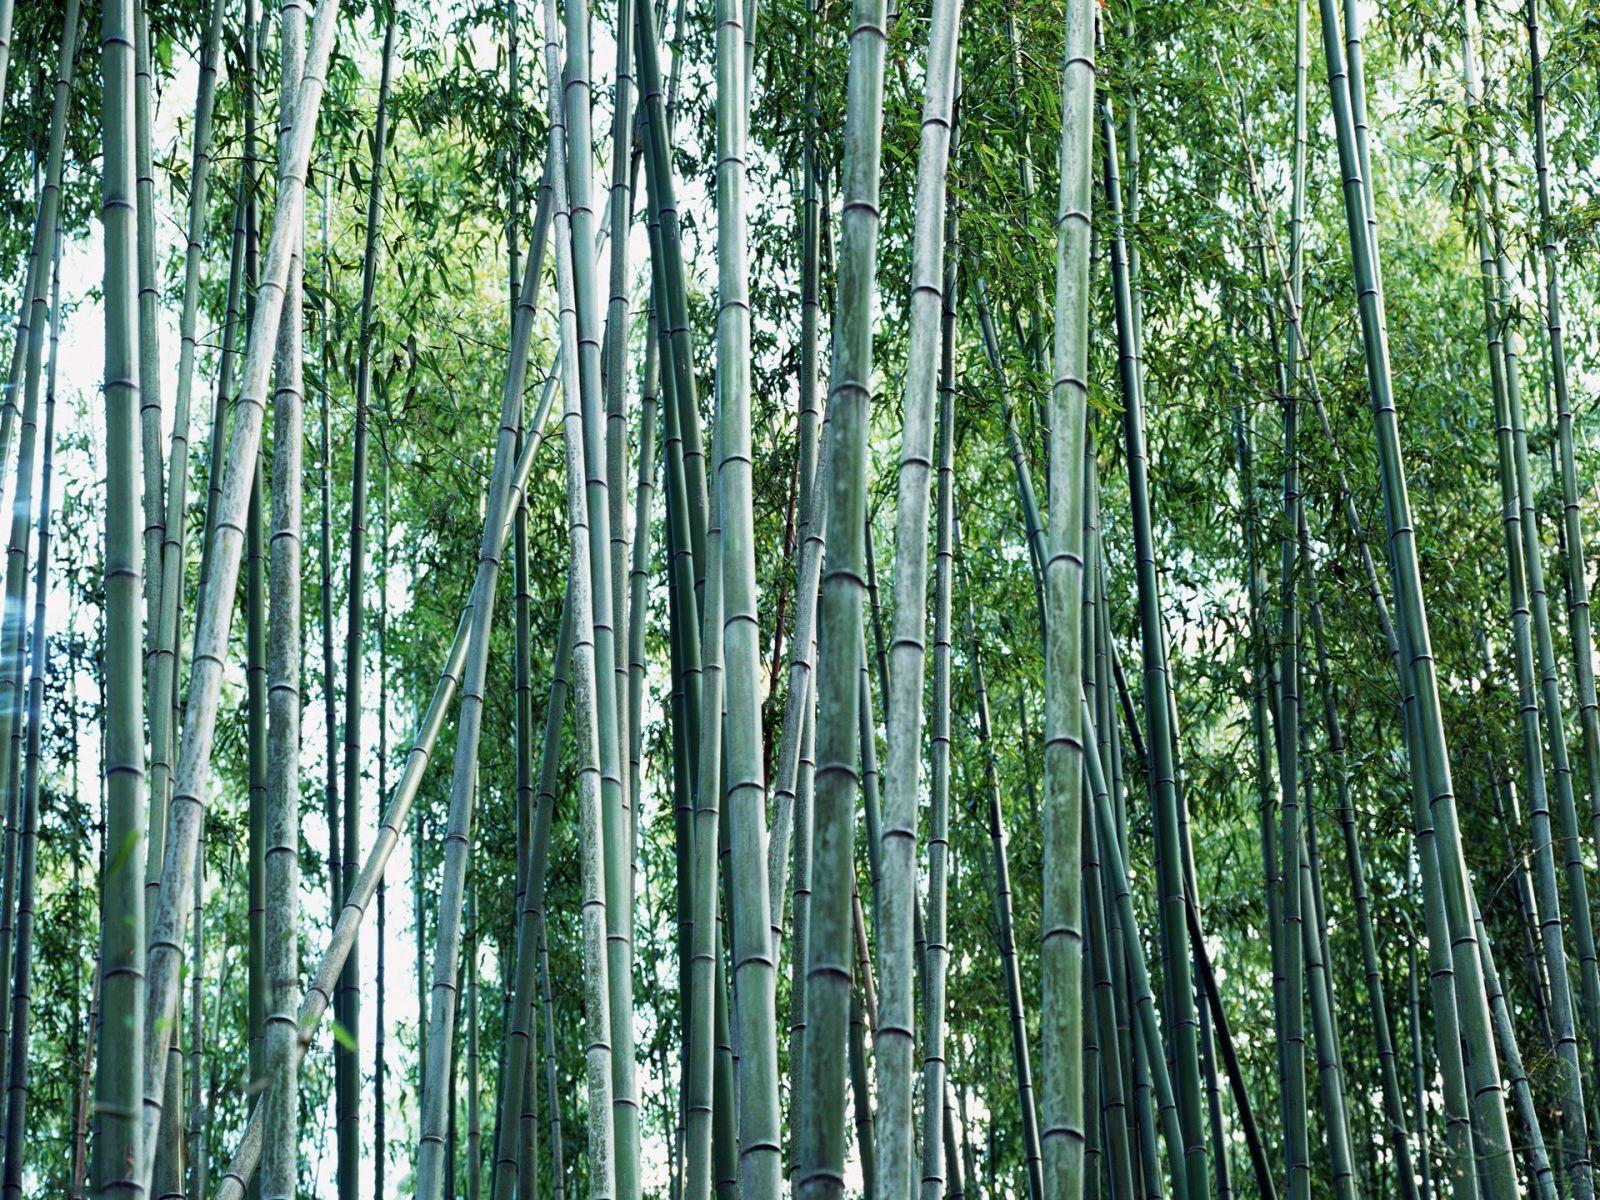 http://3.bp.blogspot.com/-sS76psIY2ZA/TqKZv66gGXI/AAAAAAAABHw/CAezAihYnP4/s1600/bamboo_design_wallpaper.jpg